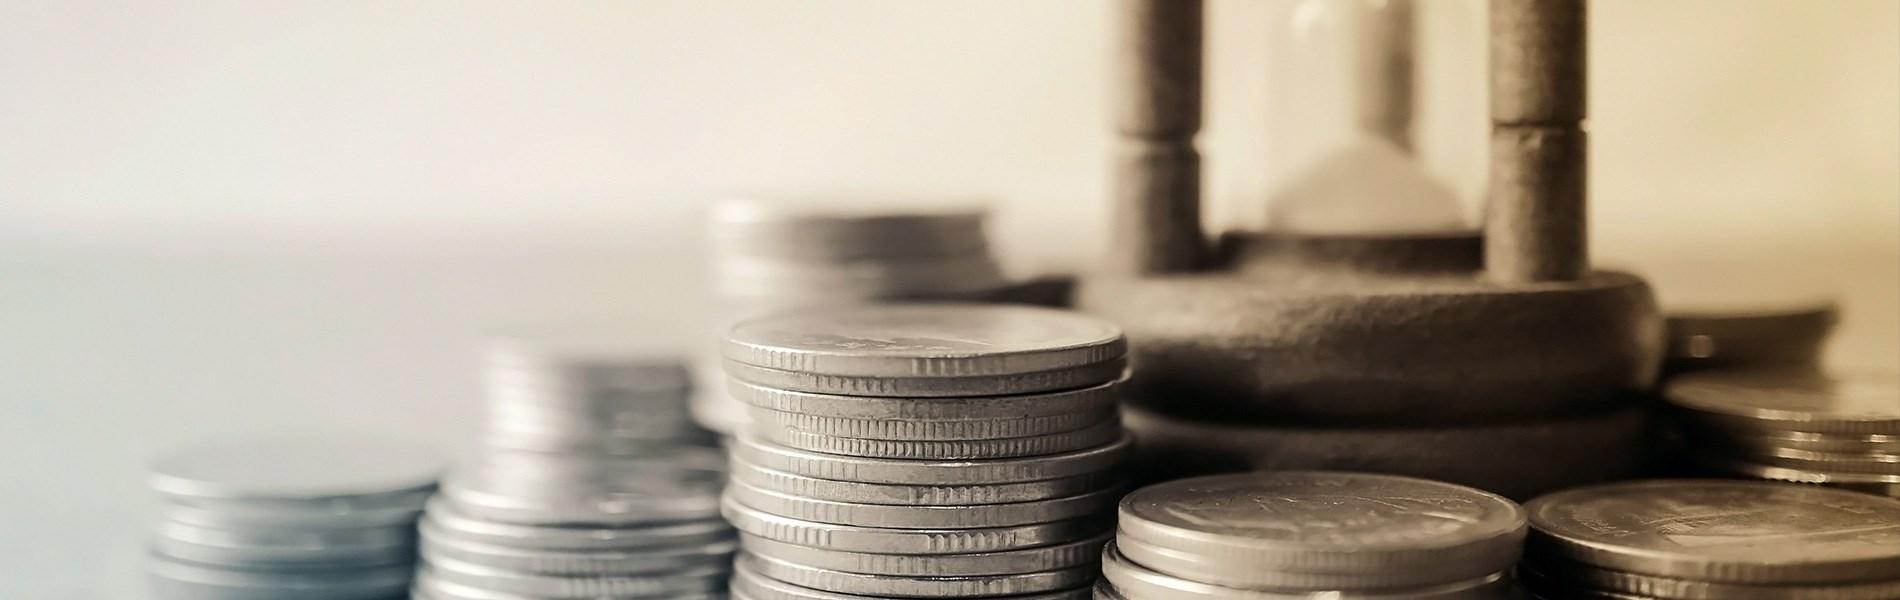 利用價值投資  安全投資價值